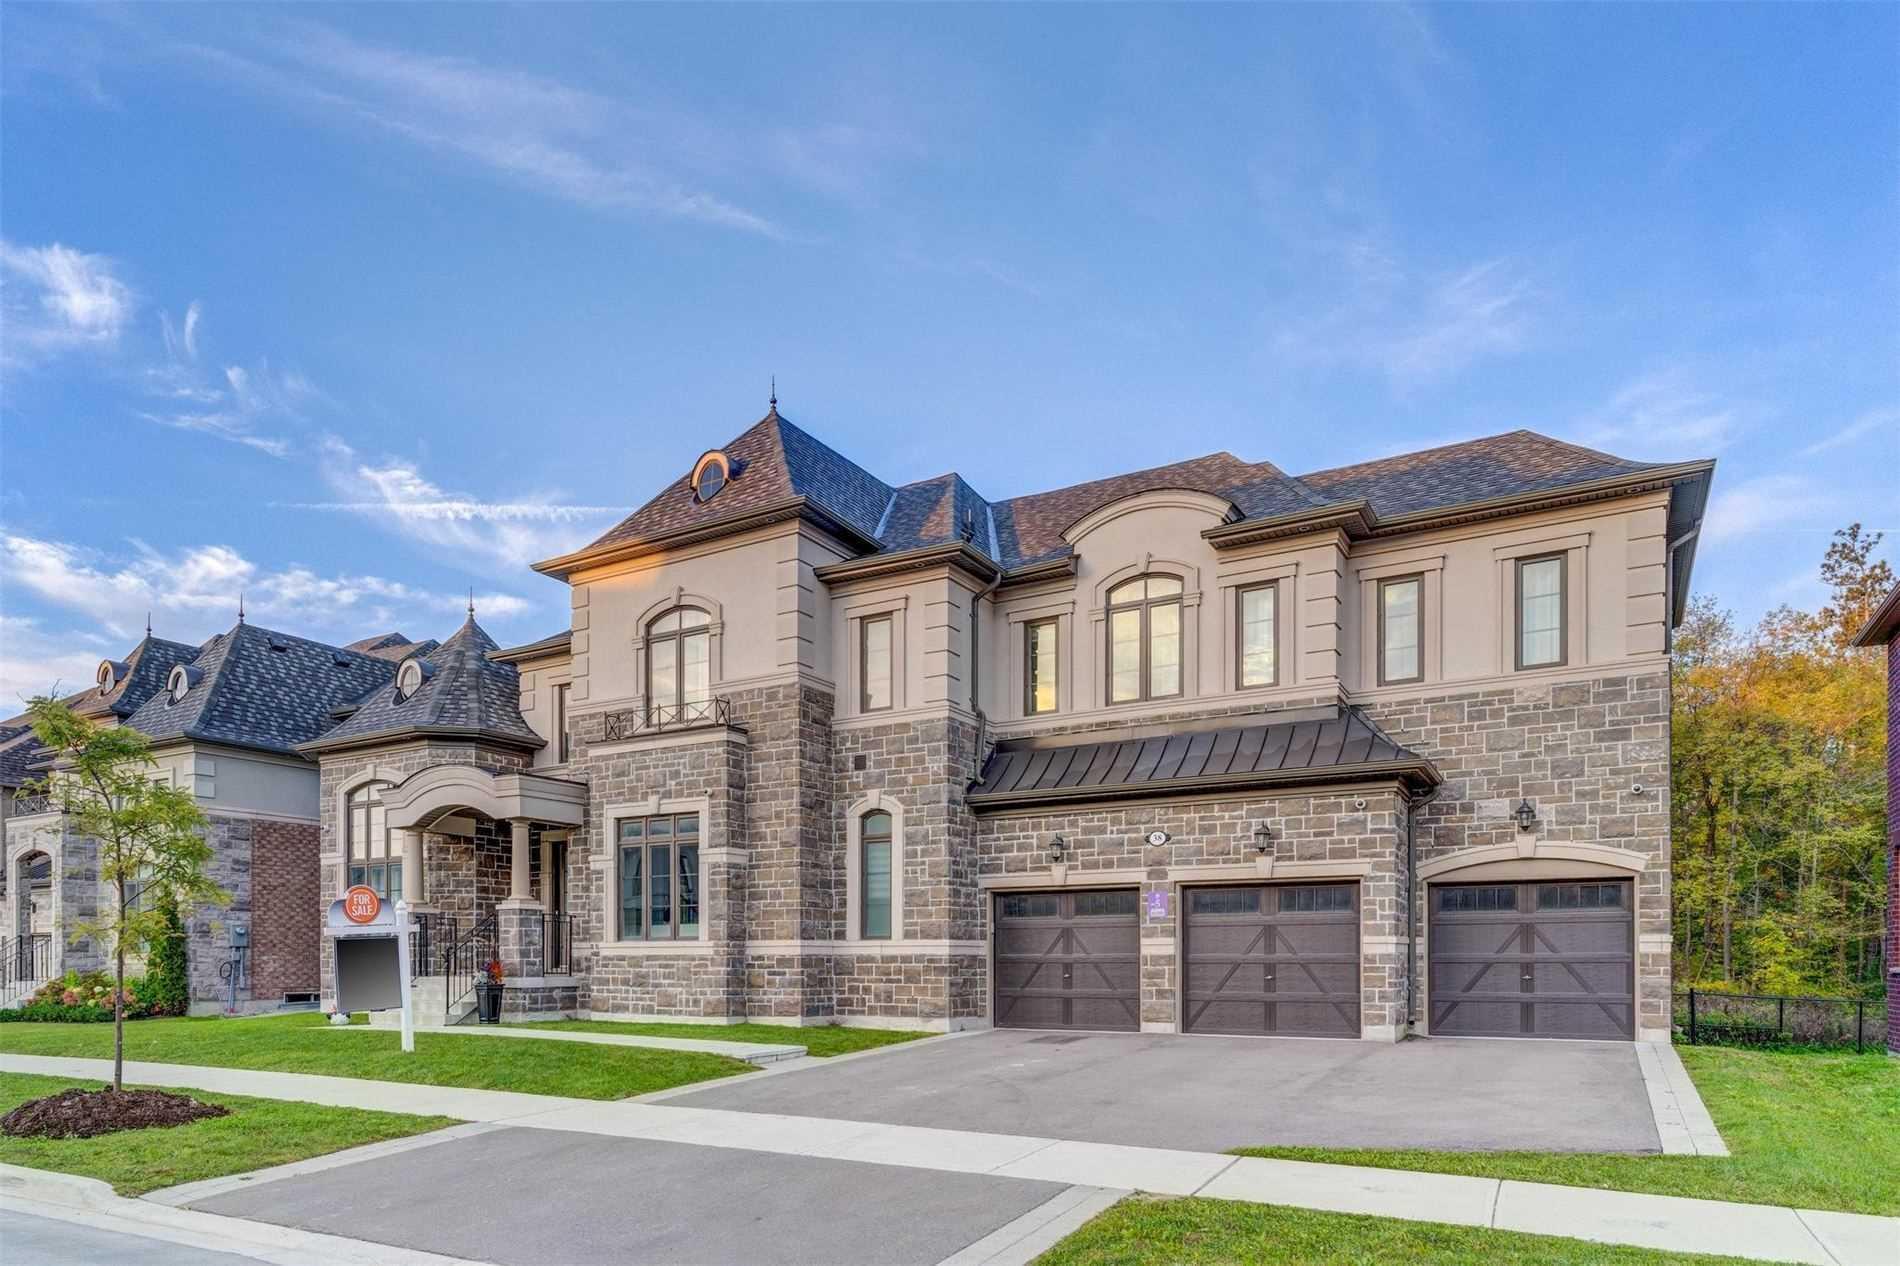 38 Carling Rd, Vaughan, Ontario L4H4P7, 4 Bedrooms Bedrooms, 14 Rooms Rooms,5 BathroomsBathrooms,Detached,For Sale,Carling,N5391766